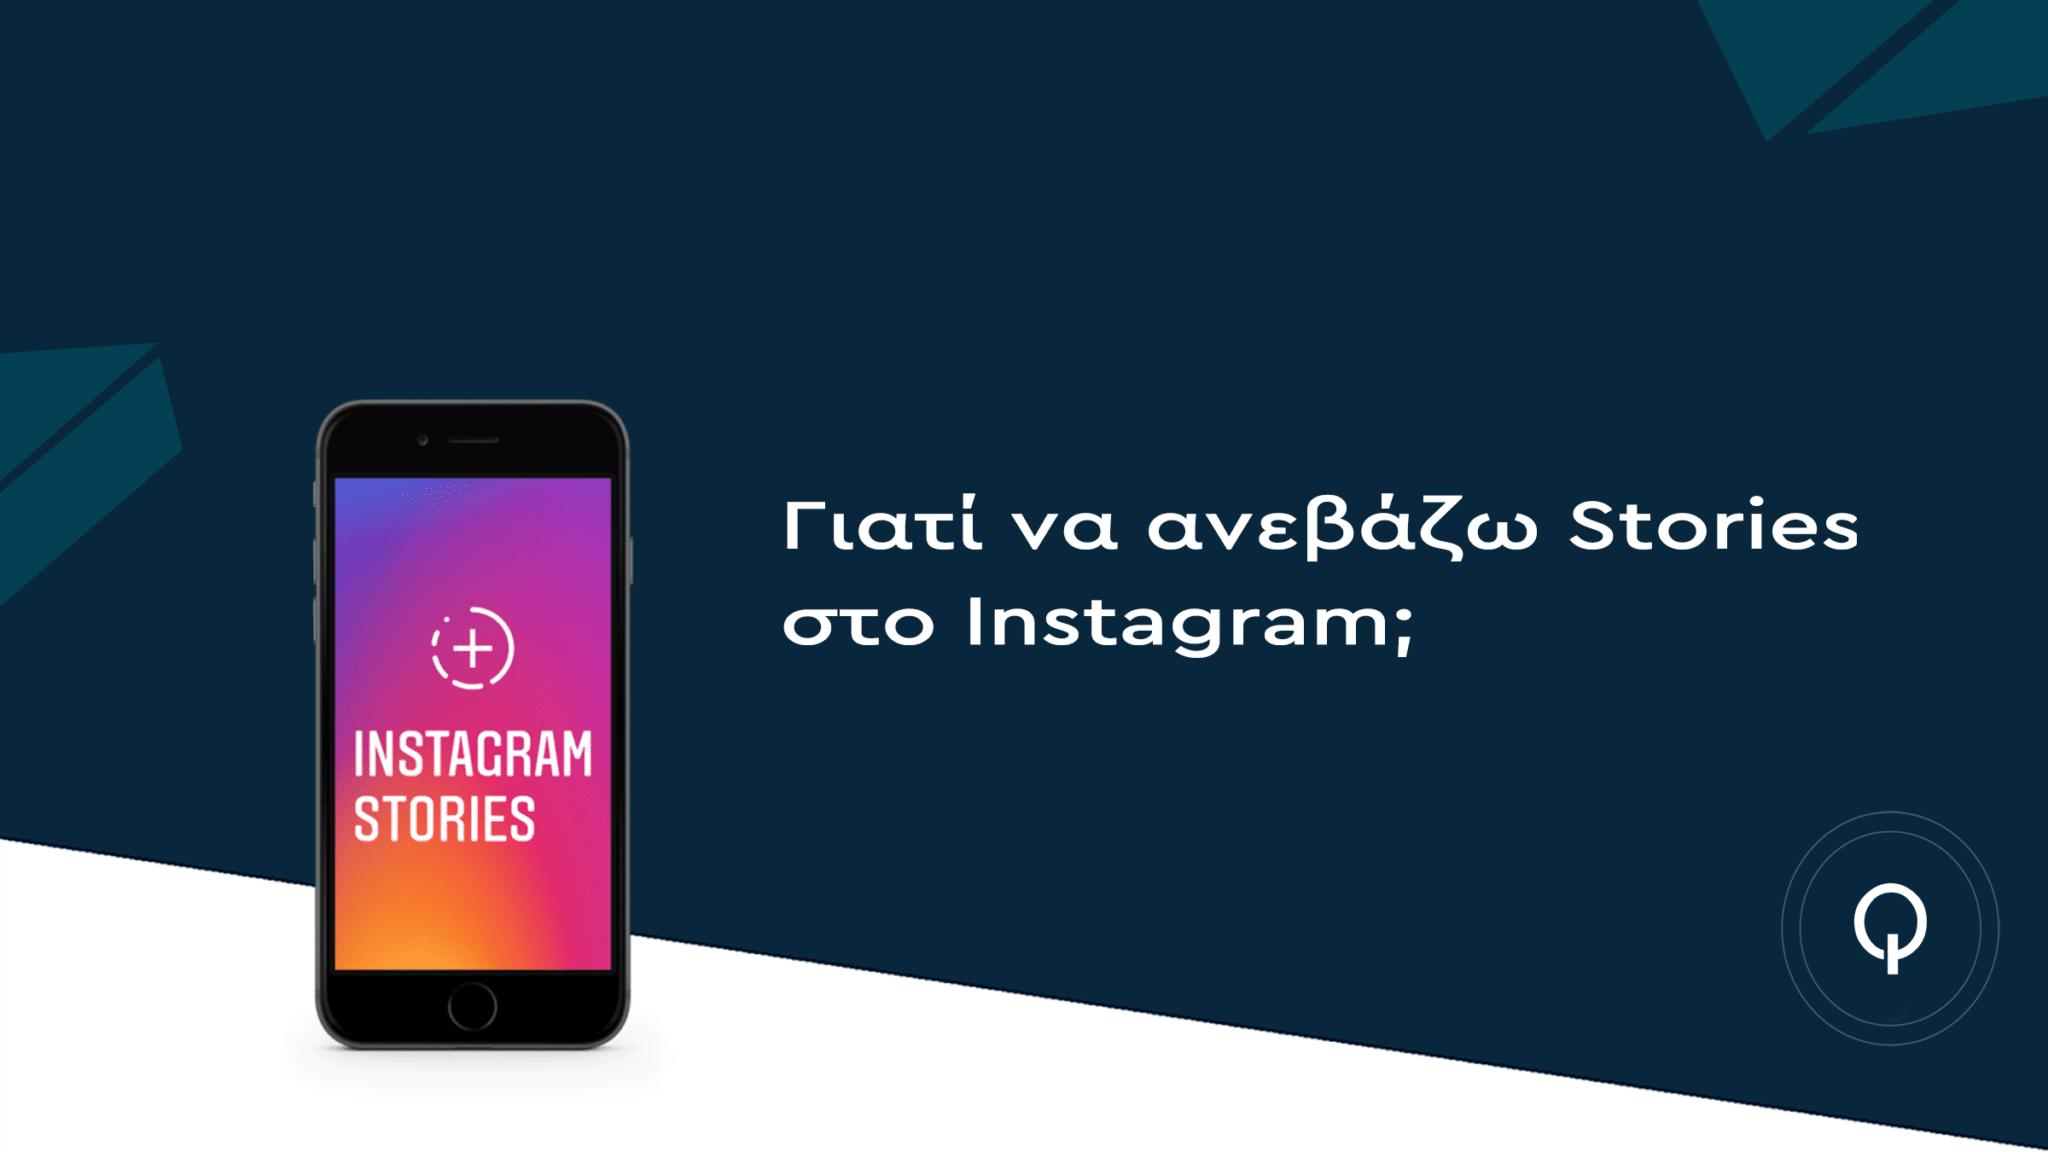 Γιατί να ανεβάζω Stories στο Instagram;